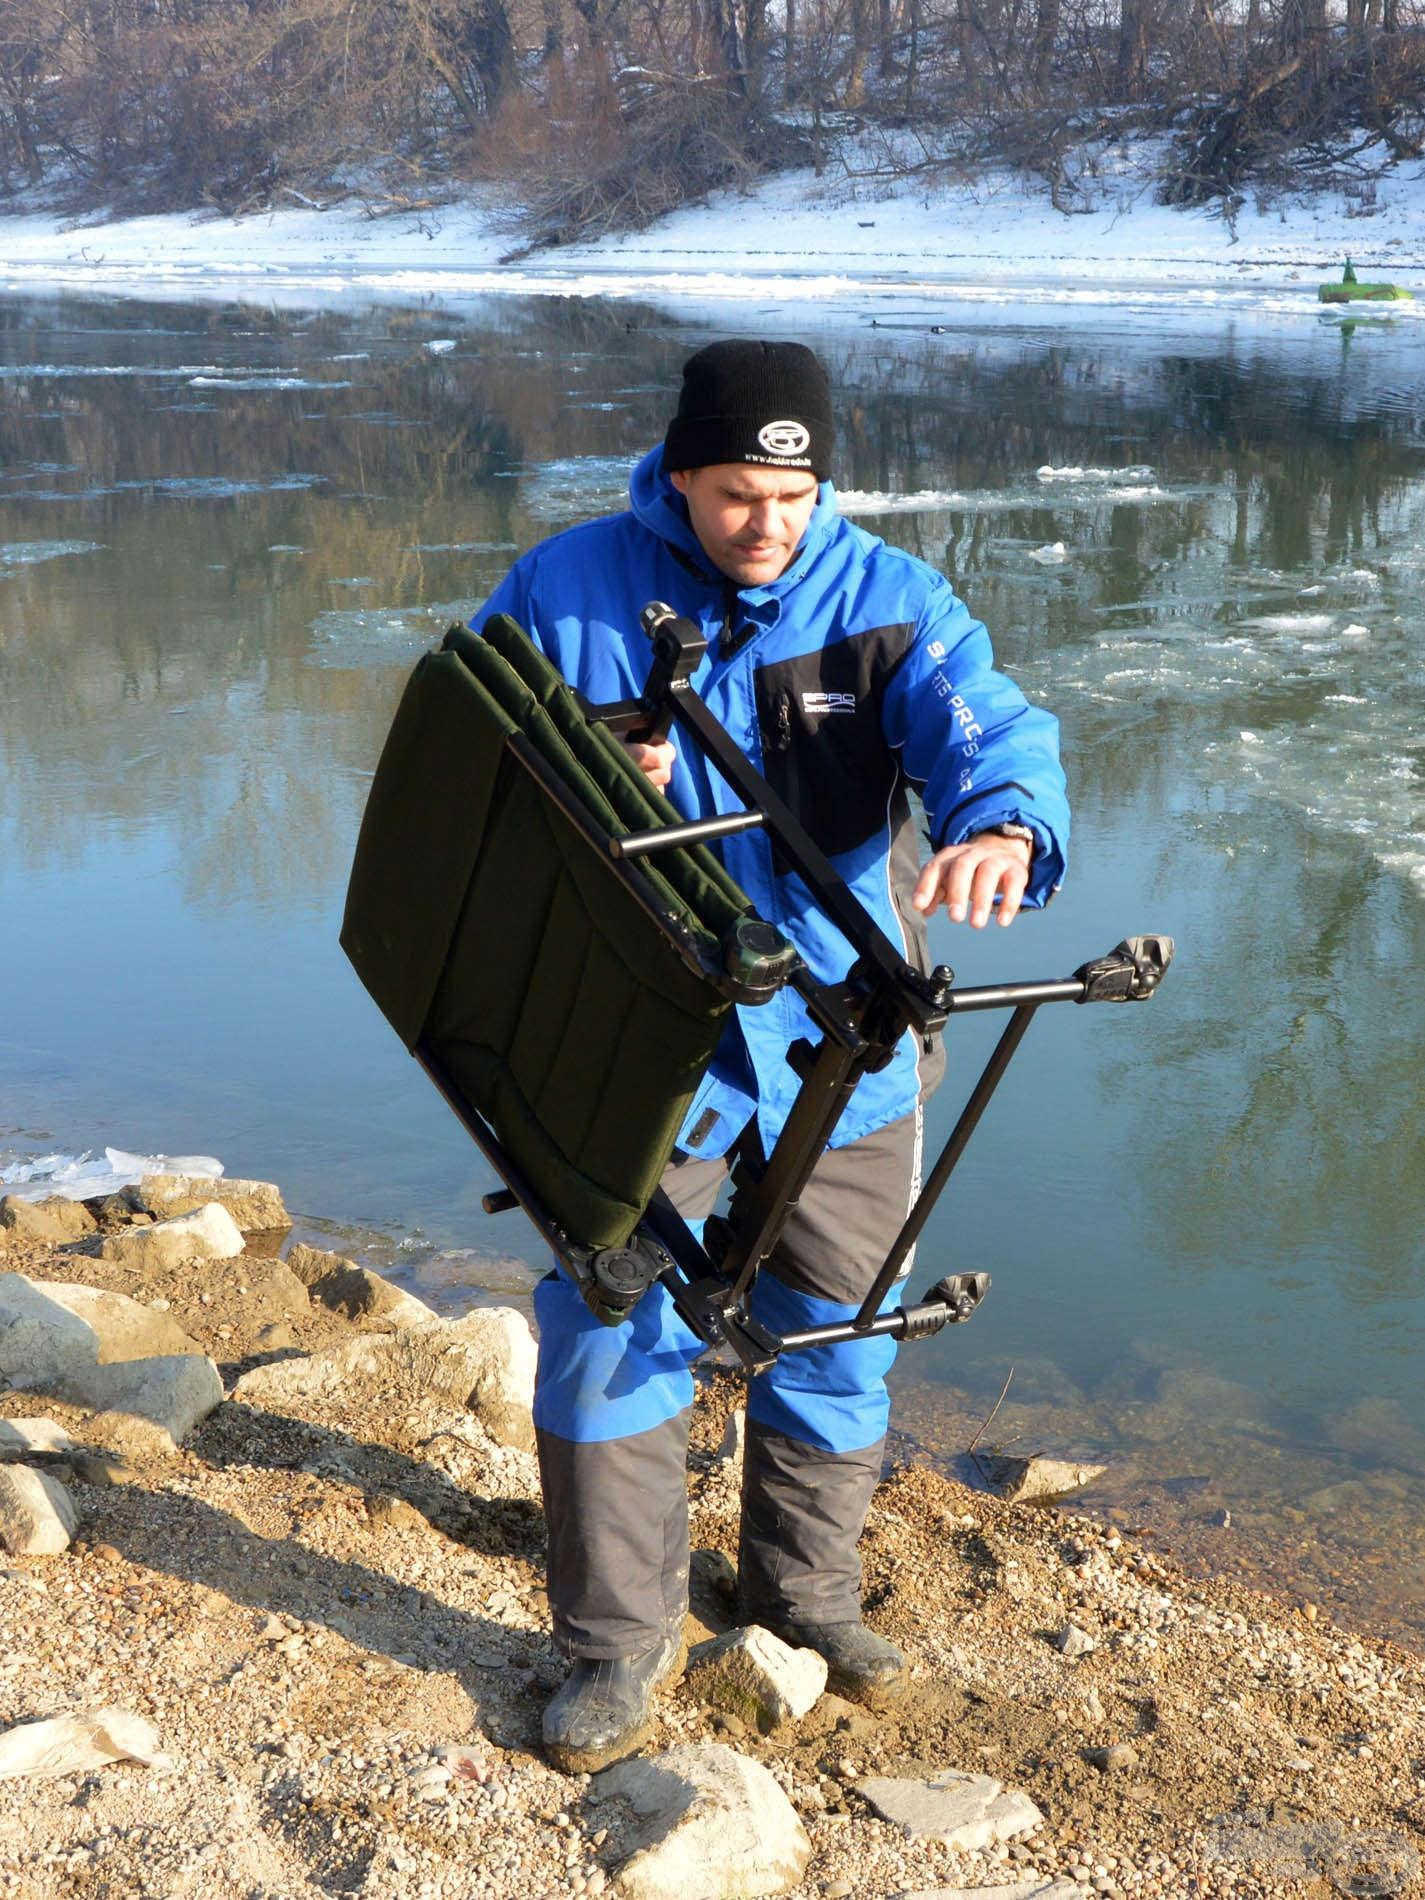 Sajnos a tél szorítása nem engedte, hogy horgászat közben próbáljam ki a Feeder Fotelt, de a vízpartról azért se mondtam le!